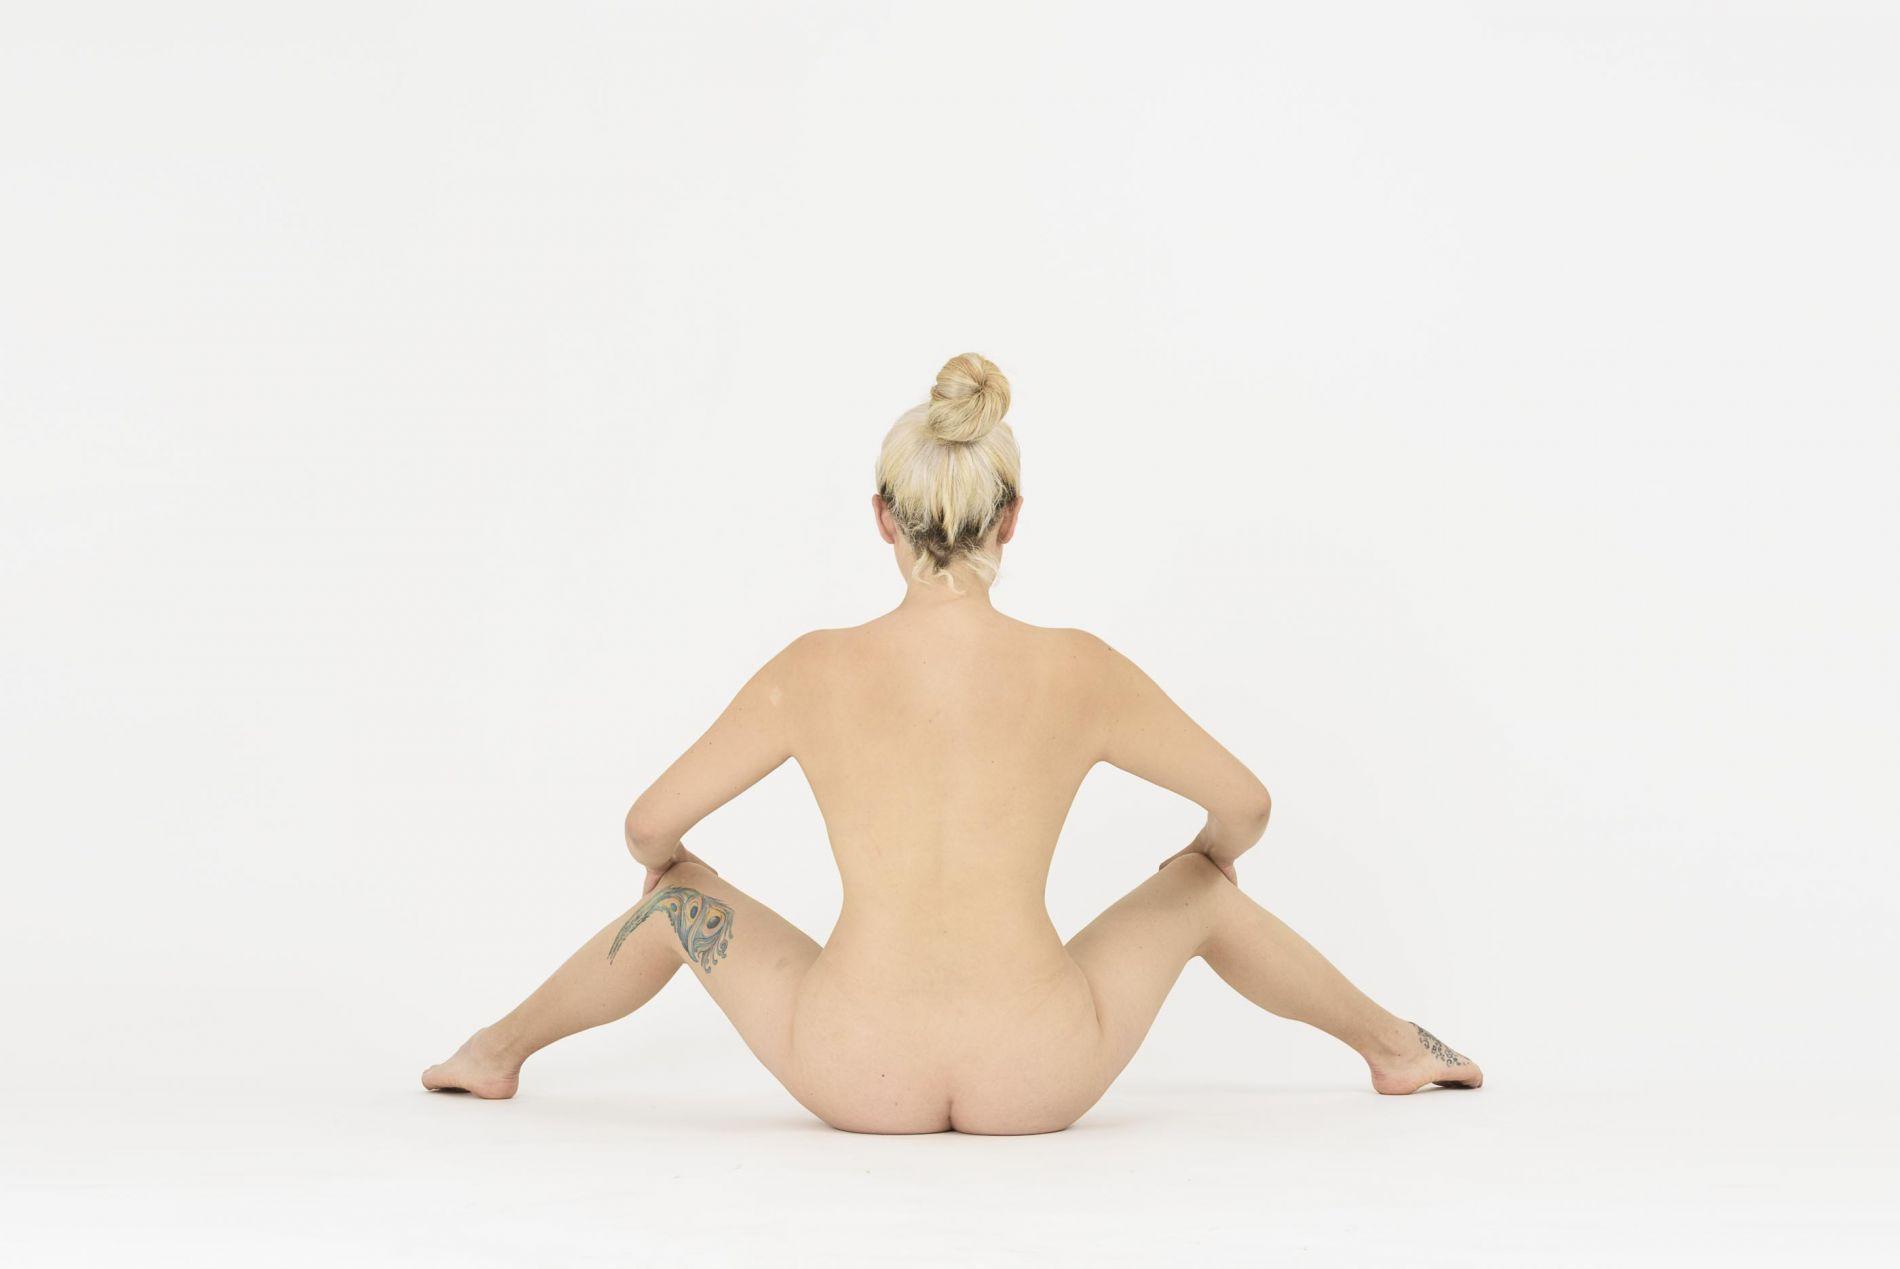 Una mujer desnuda y en .. la luz